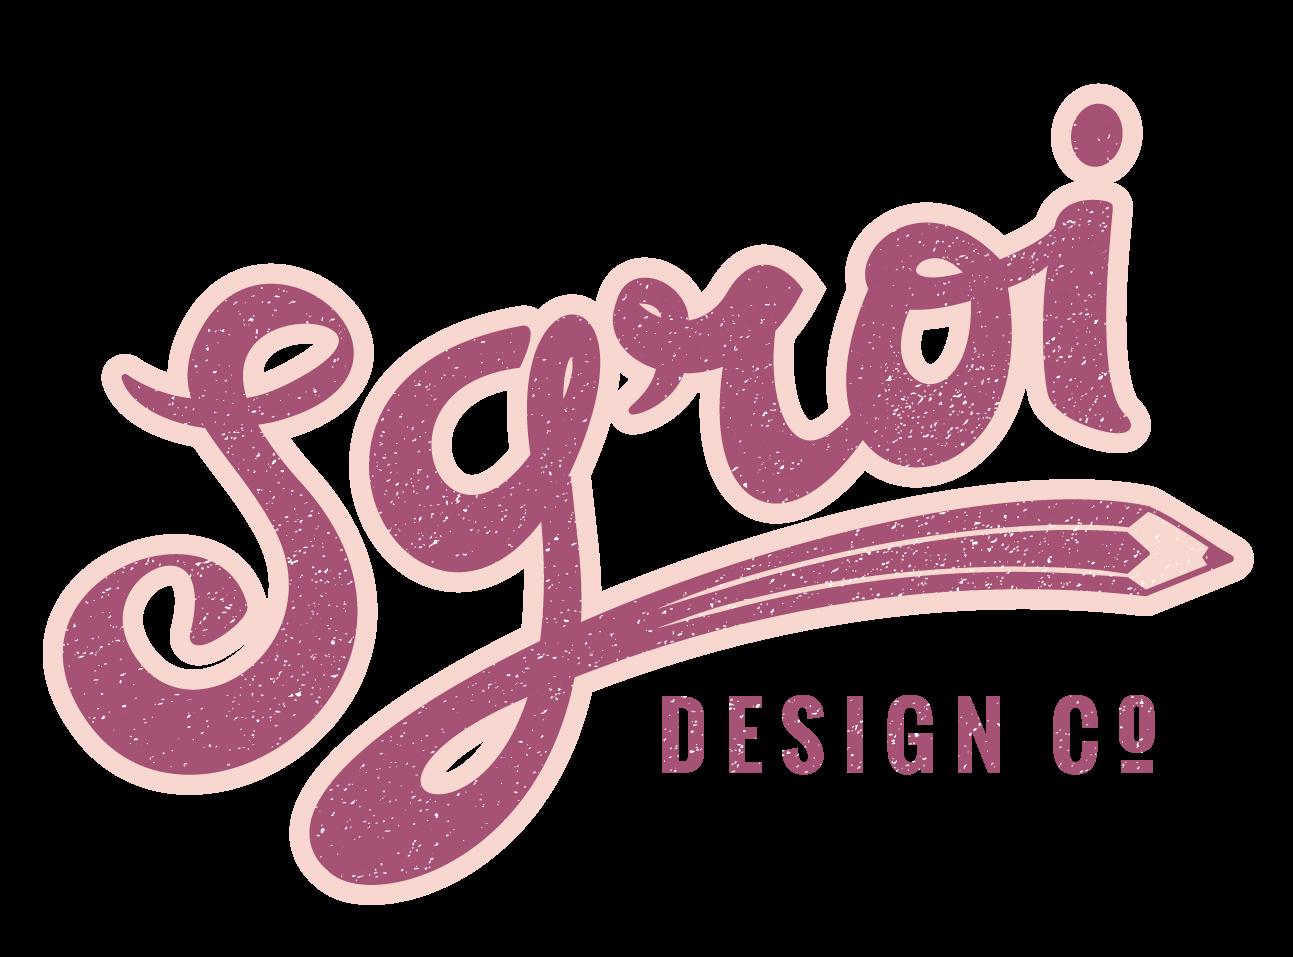 Sgroi Design Co.